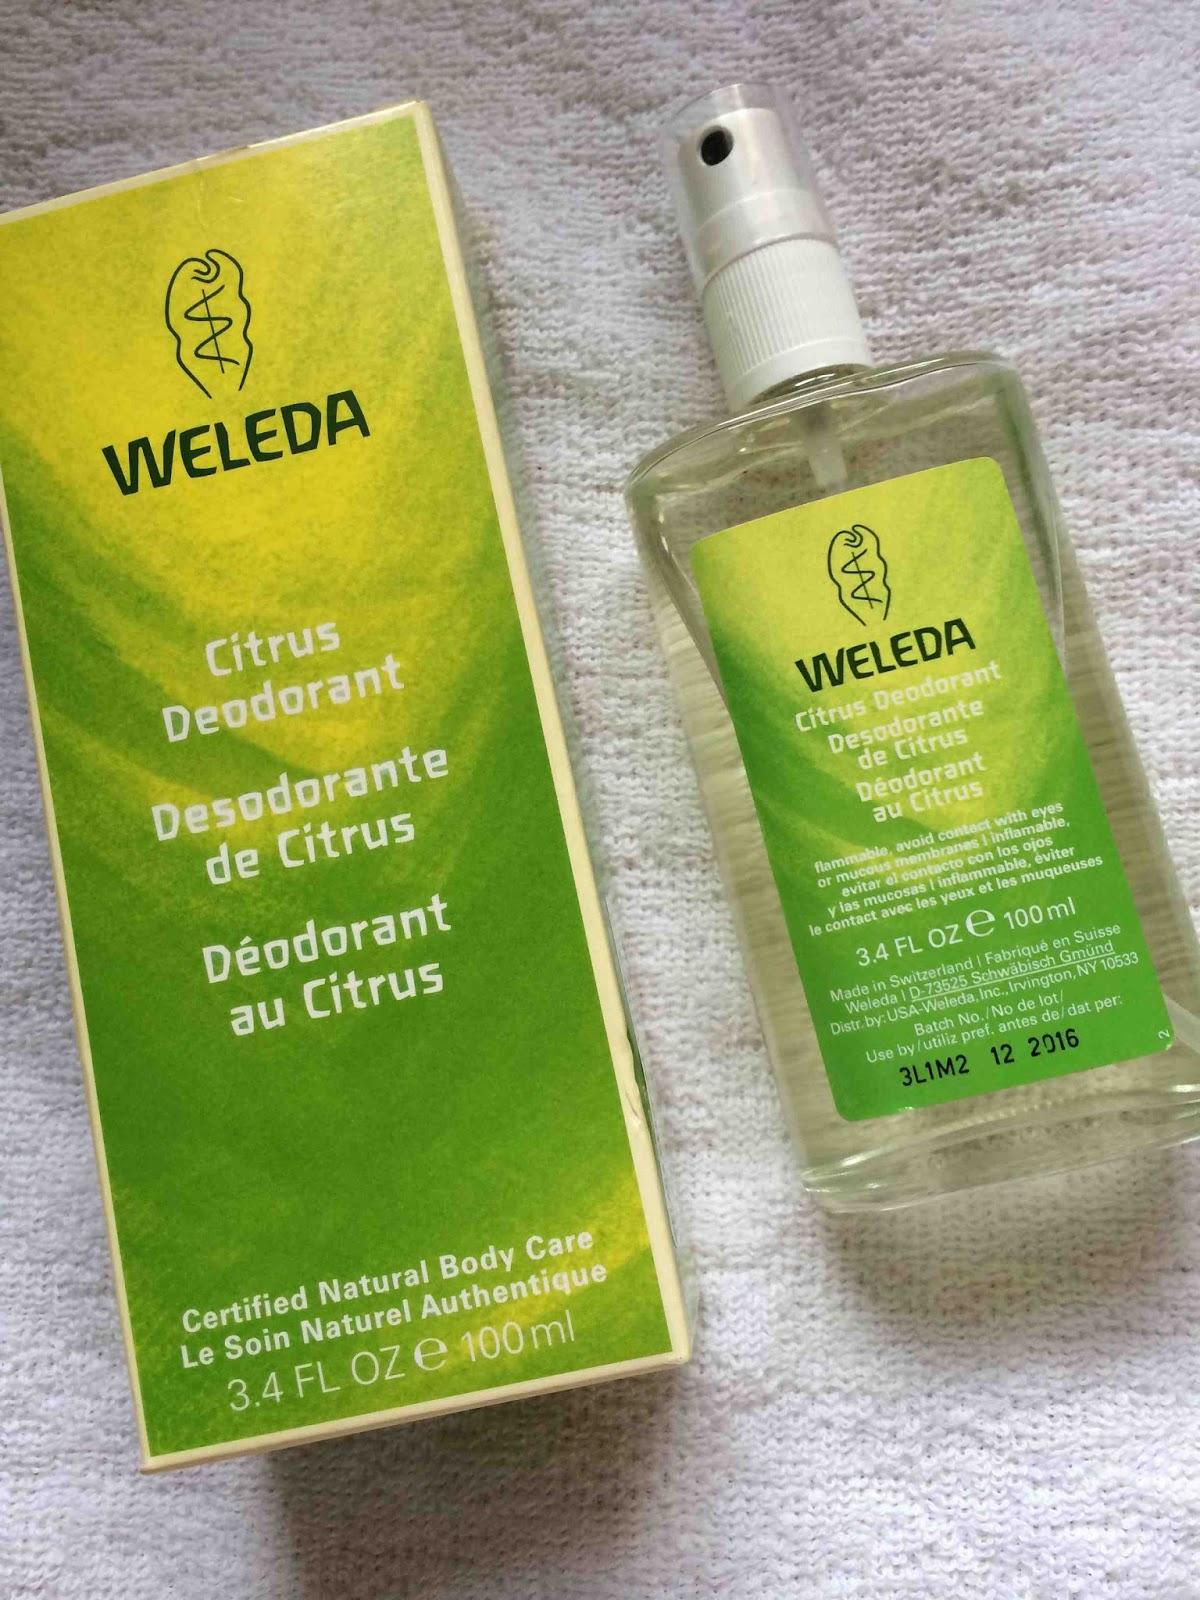 Desodorante de Citrus de Weleda